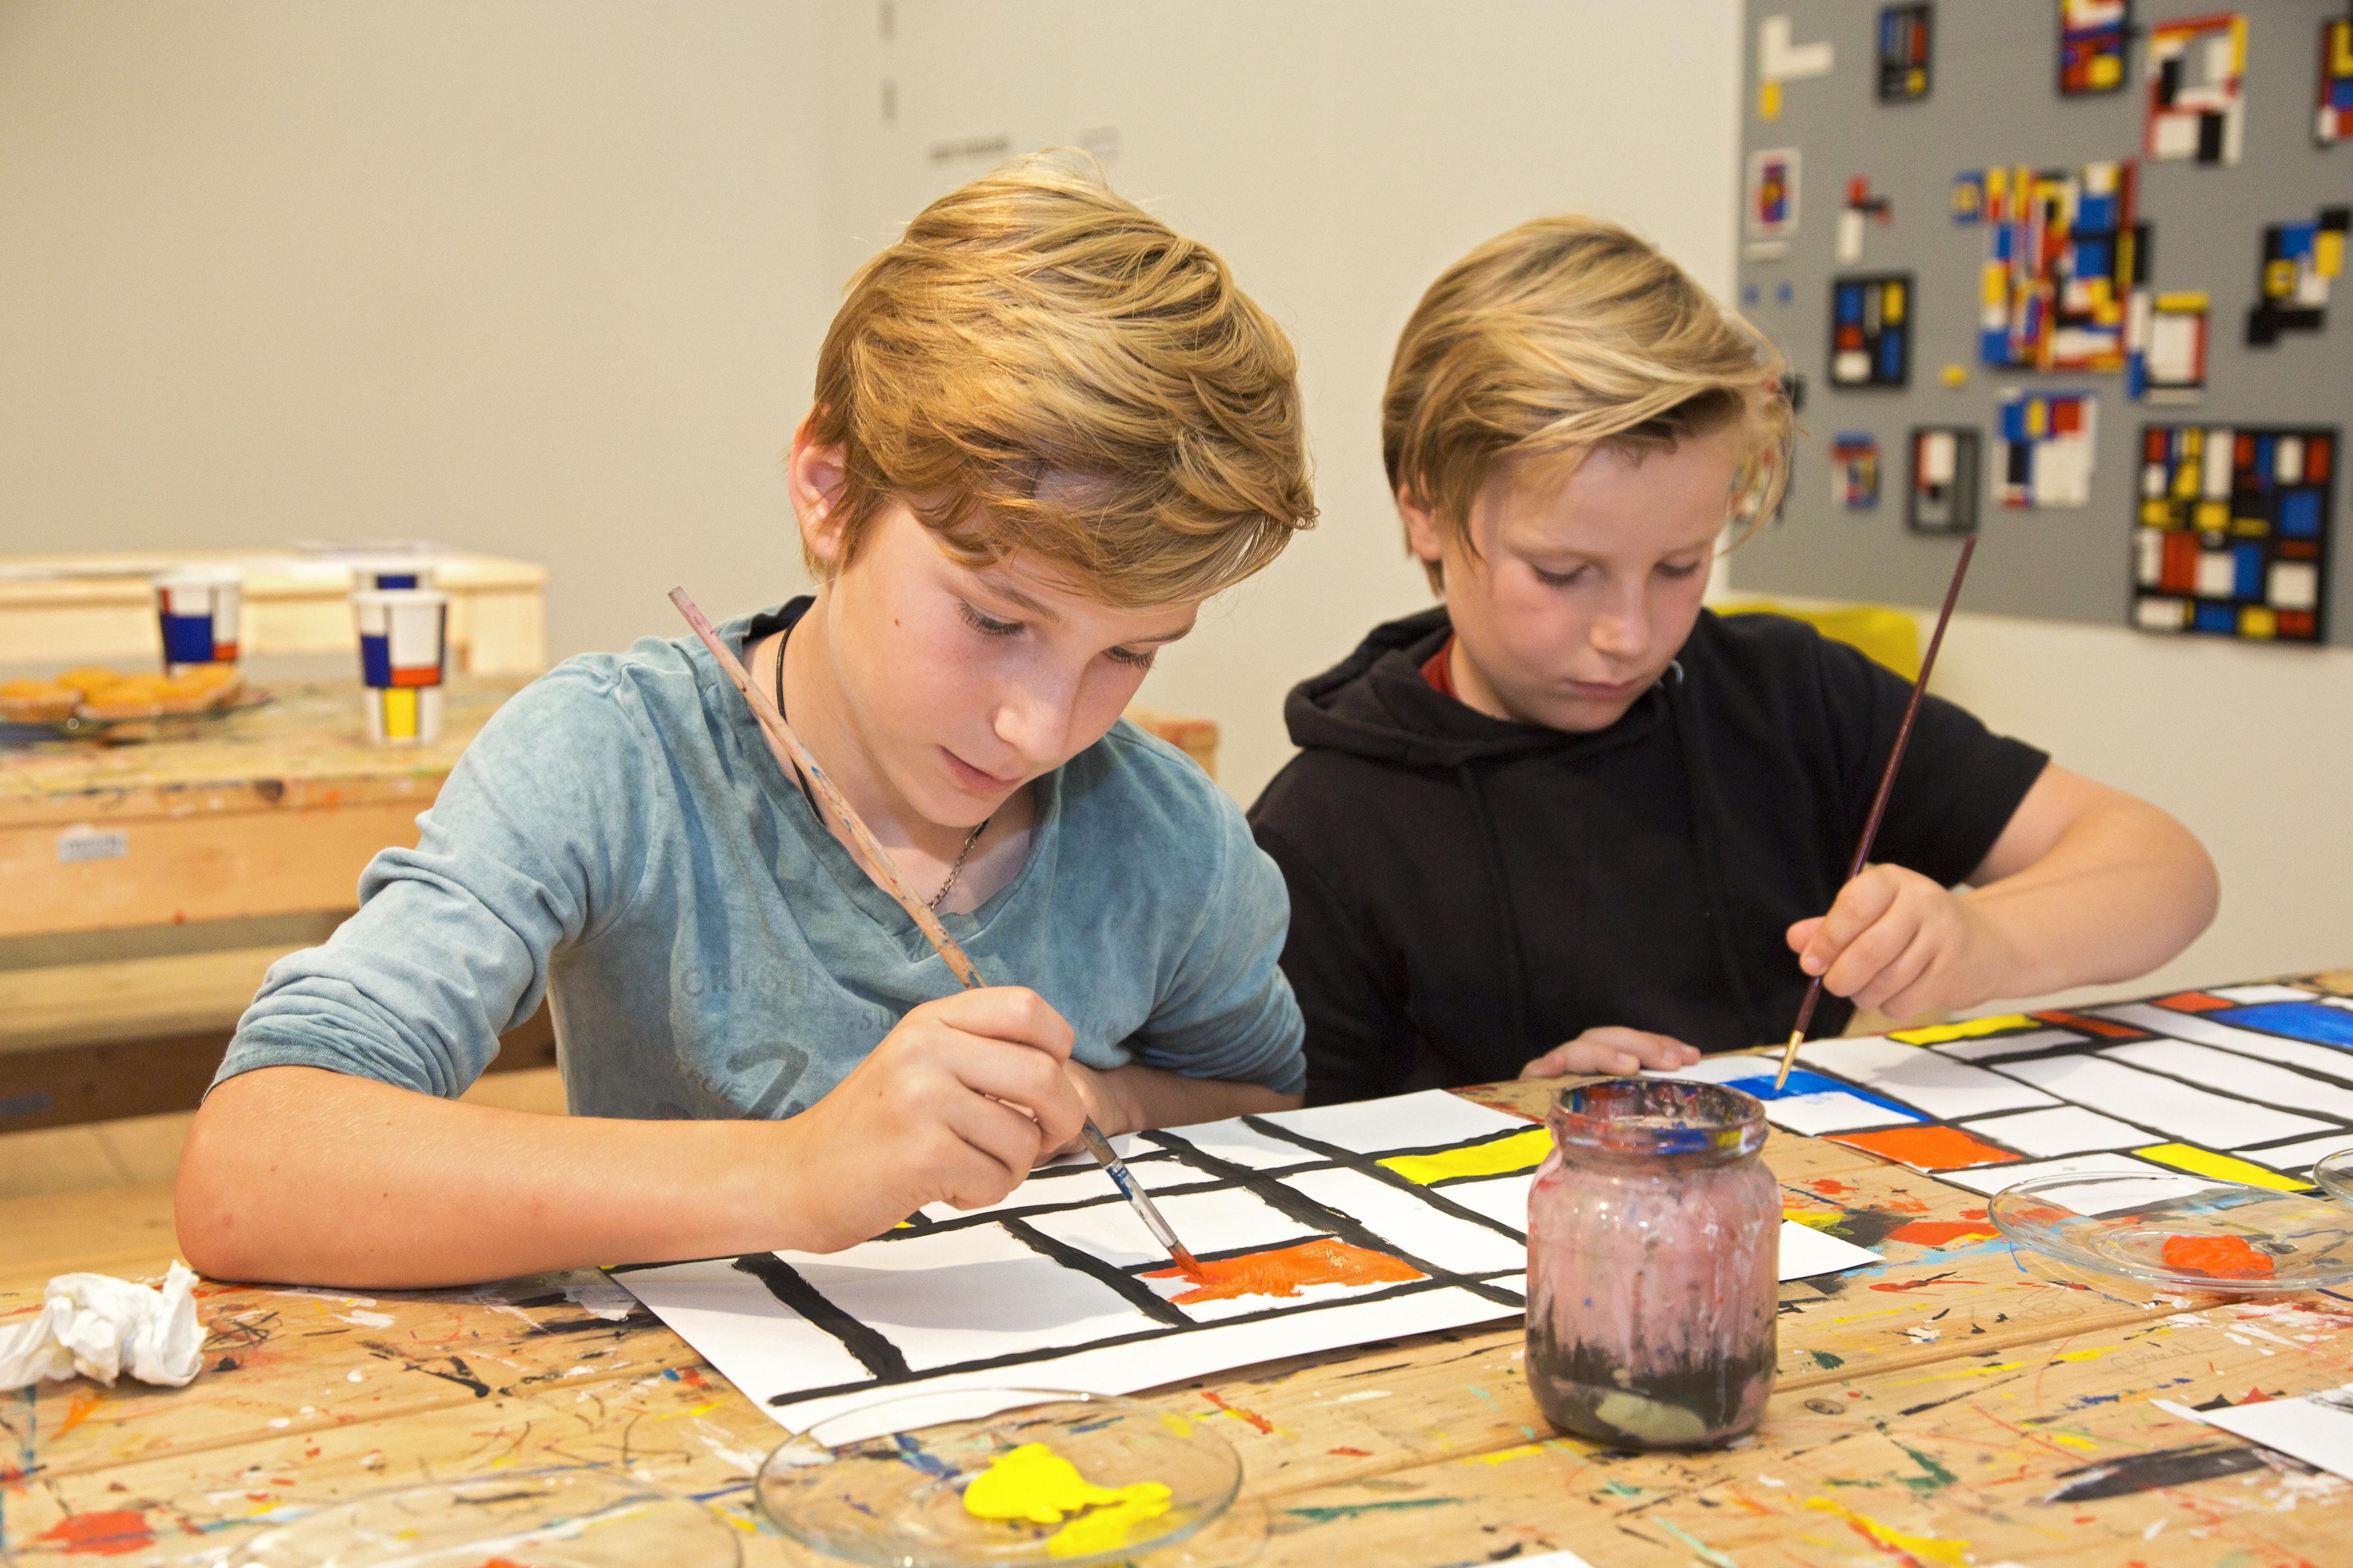 Mondriaanhuis Kinderworkshop Foto Wil Groenhuijsen.jpg